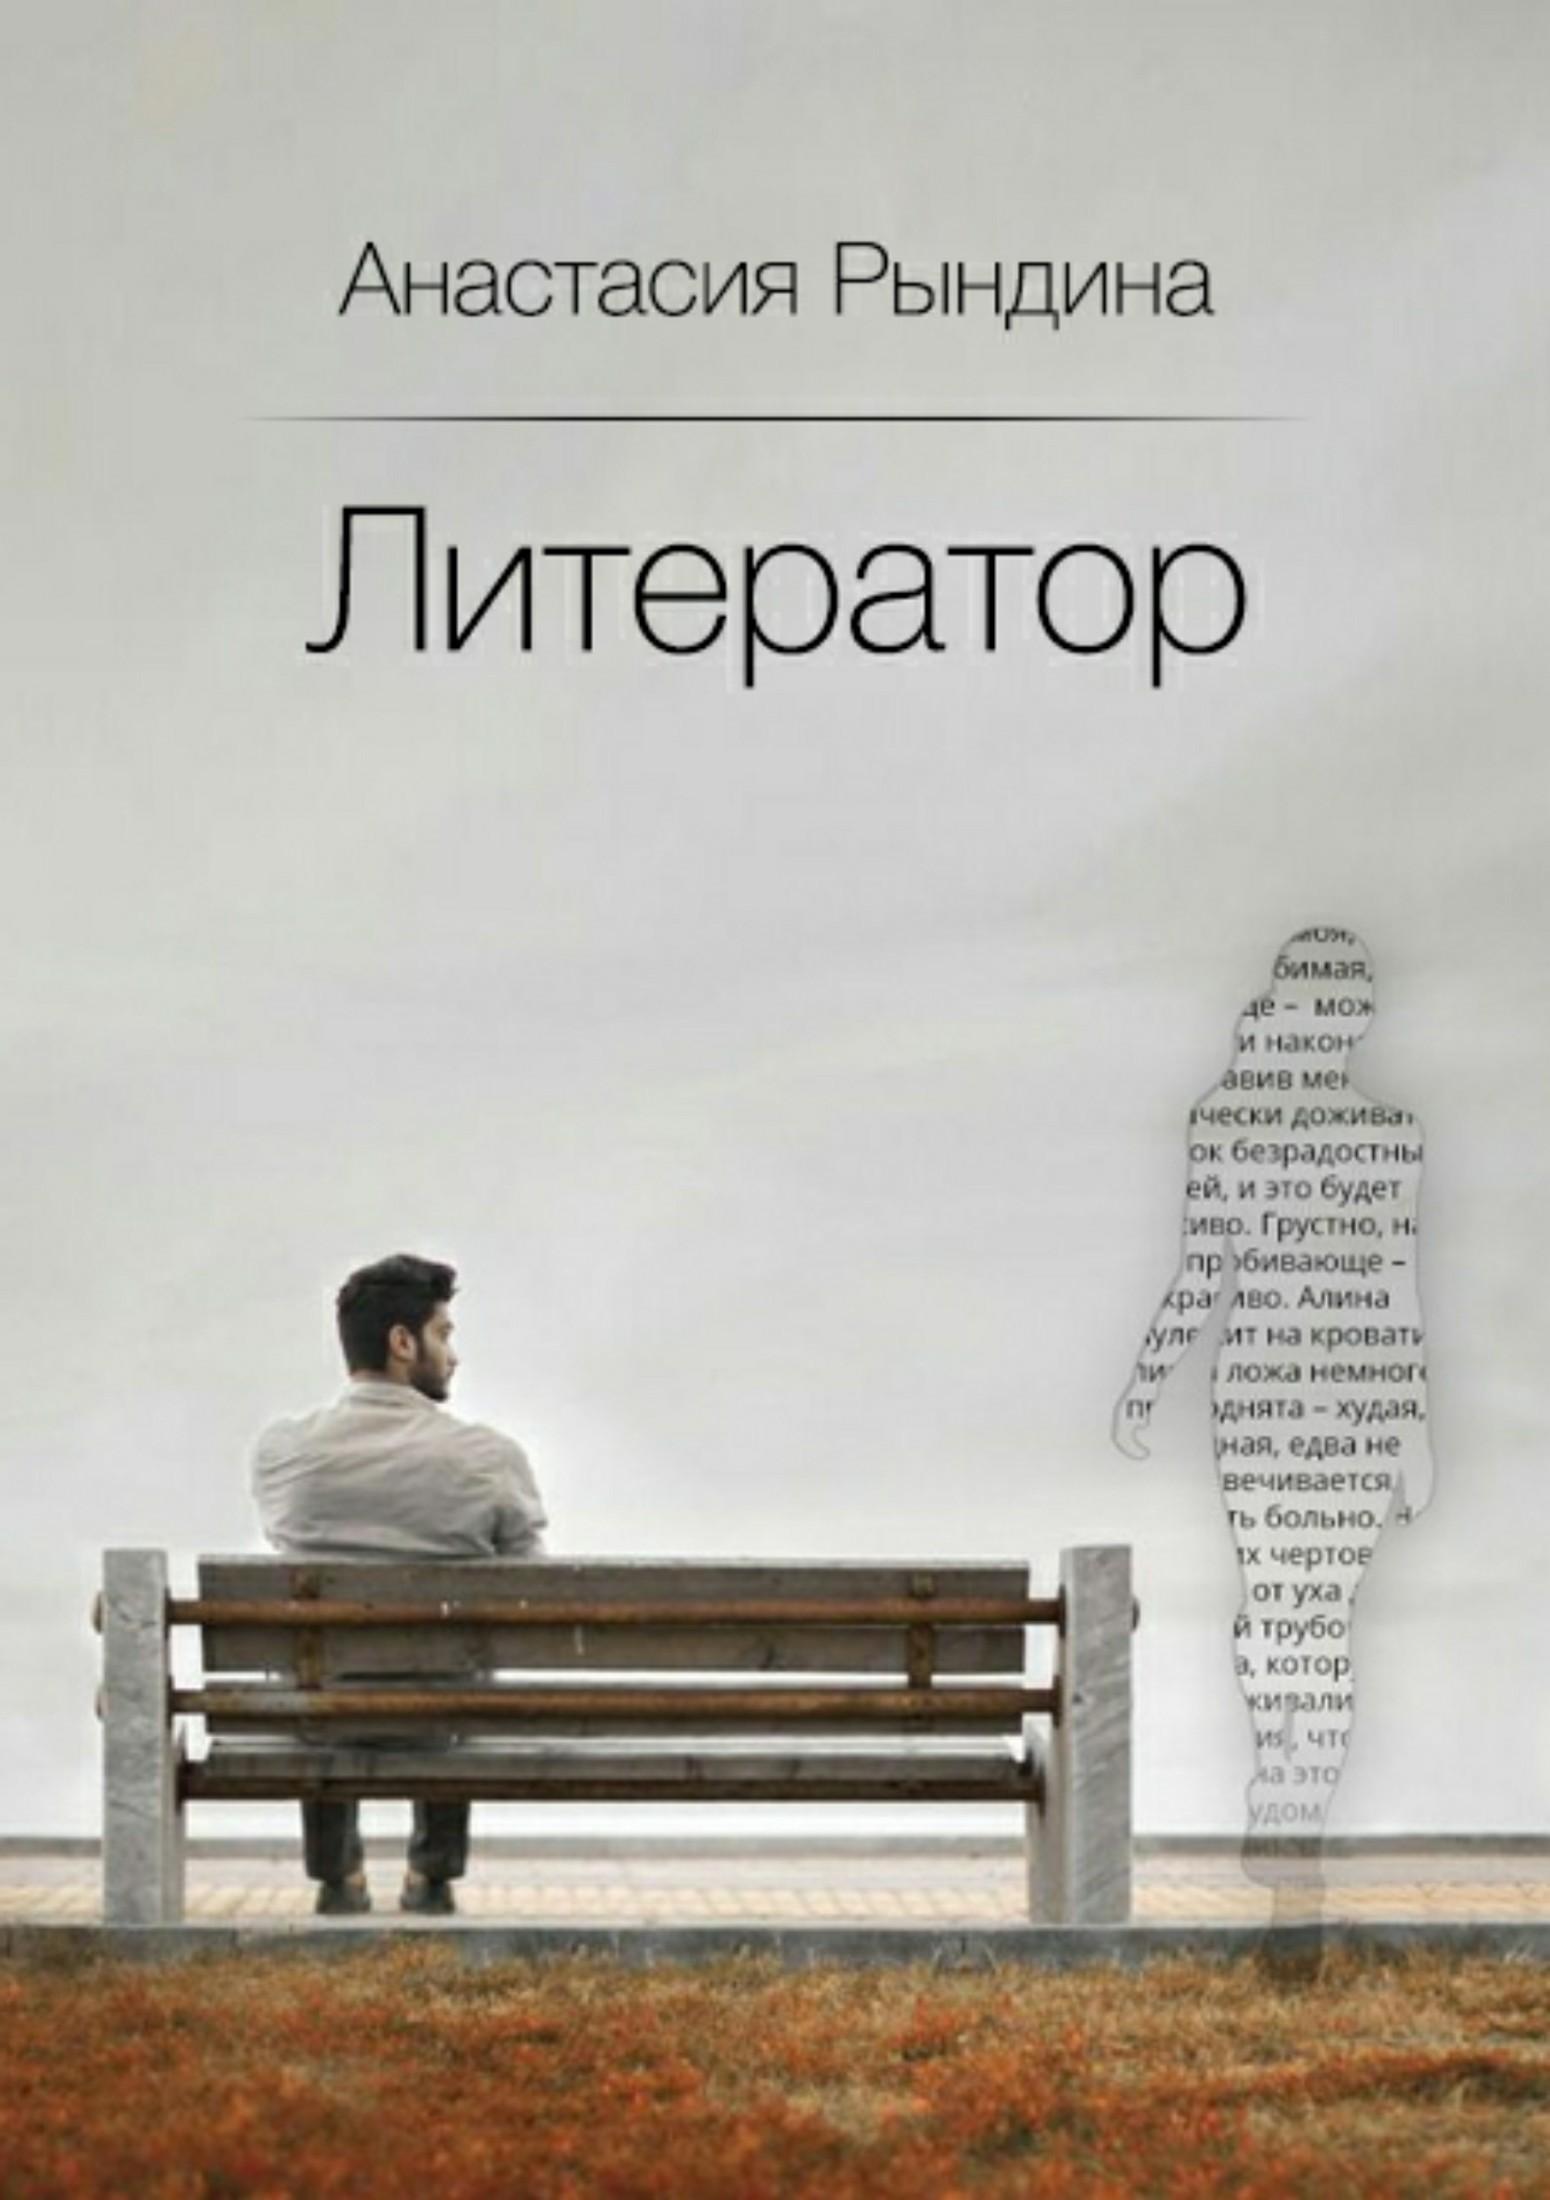 Литератор